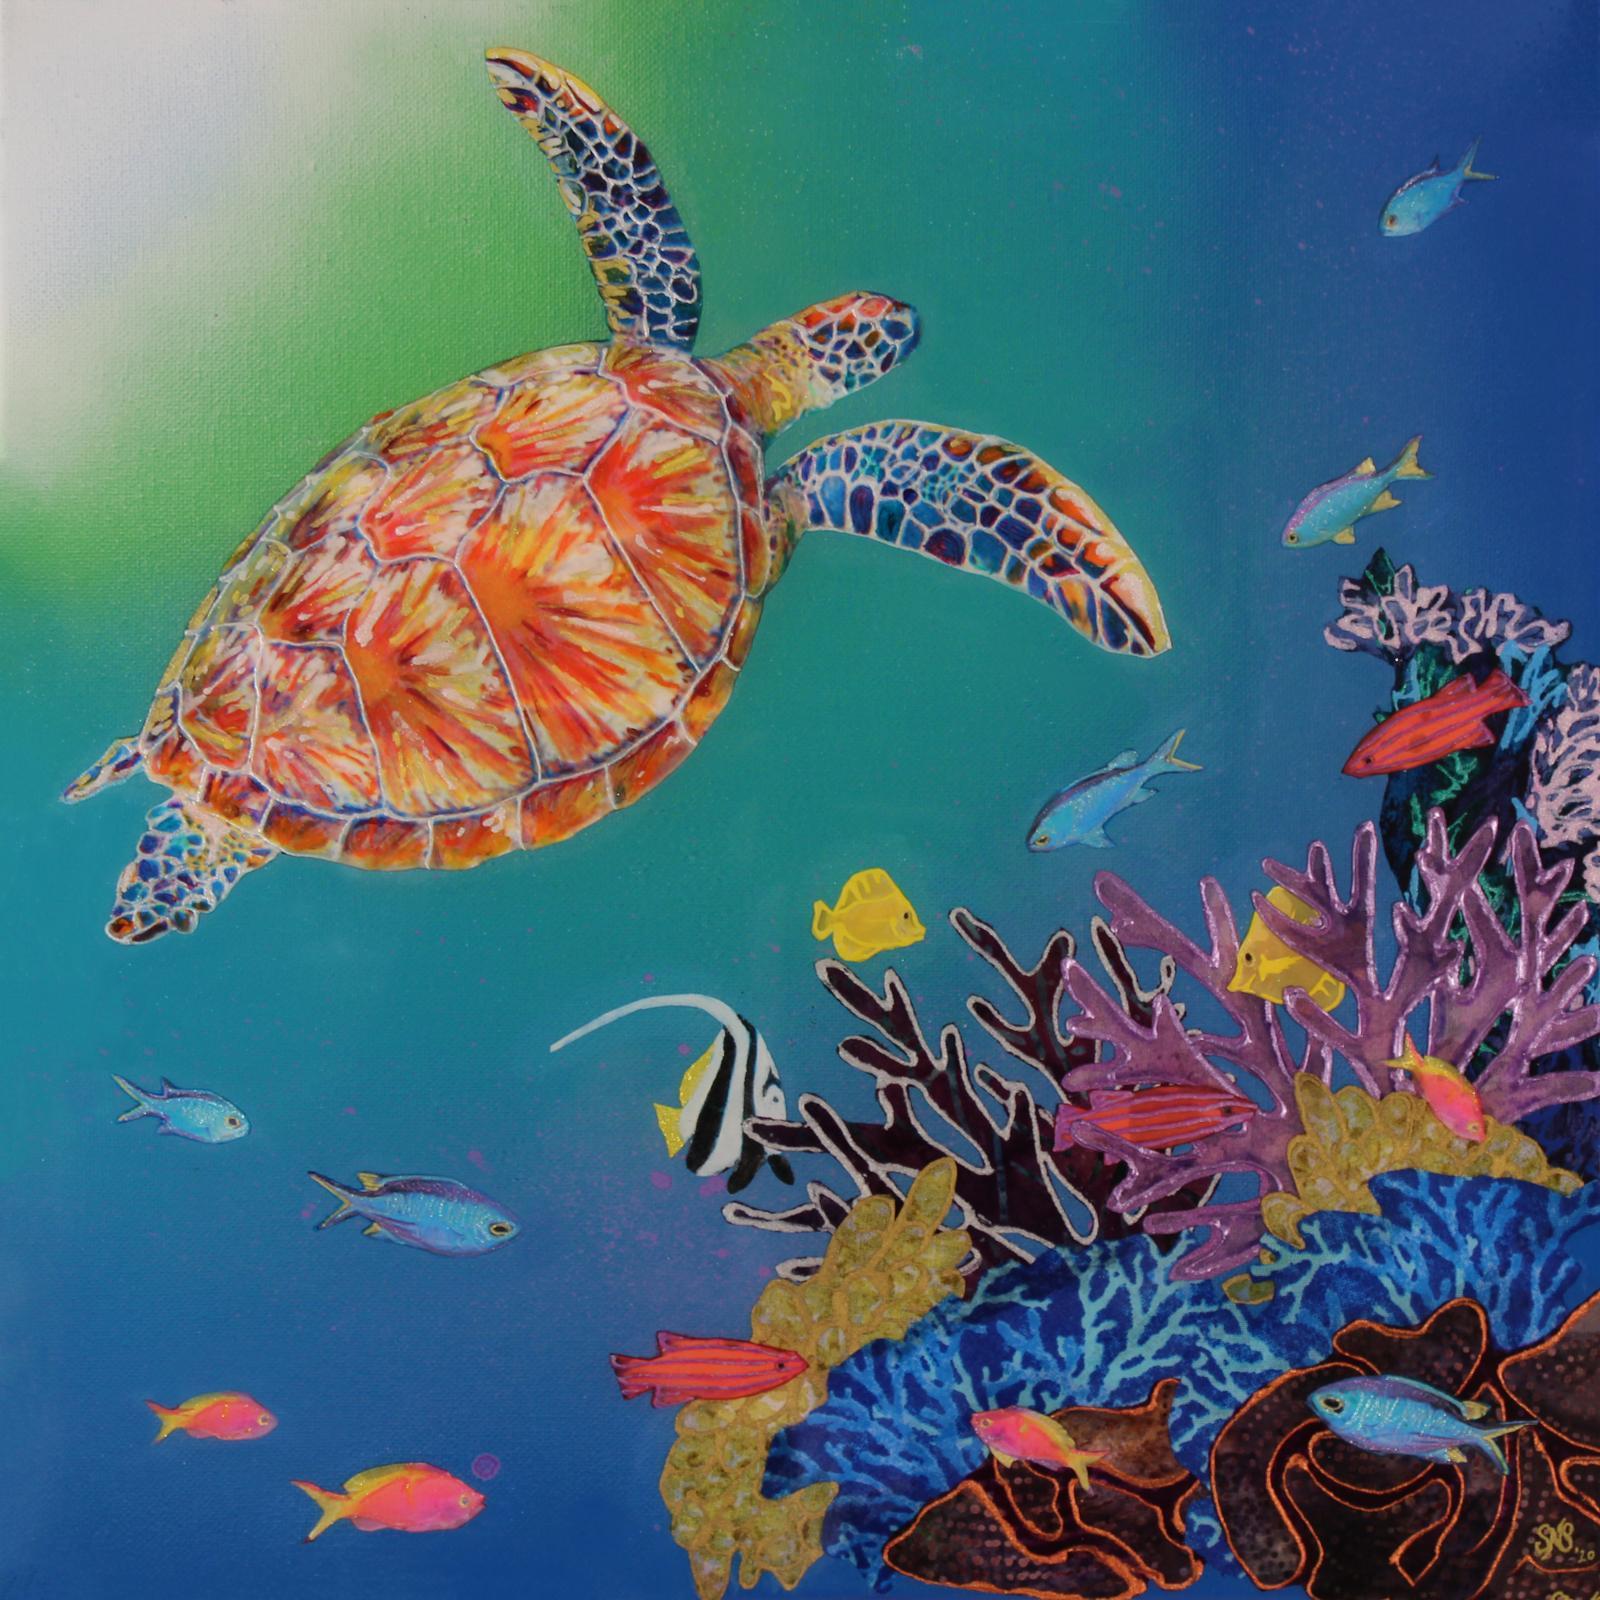 Sunlit Turtle